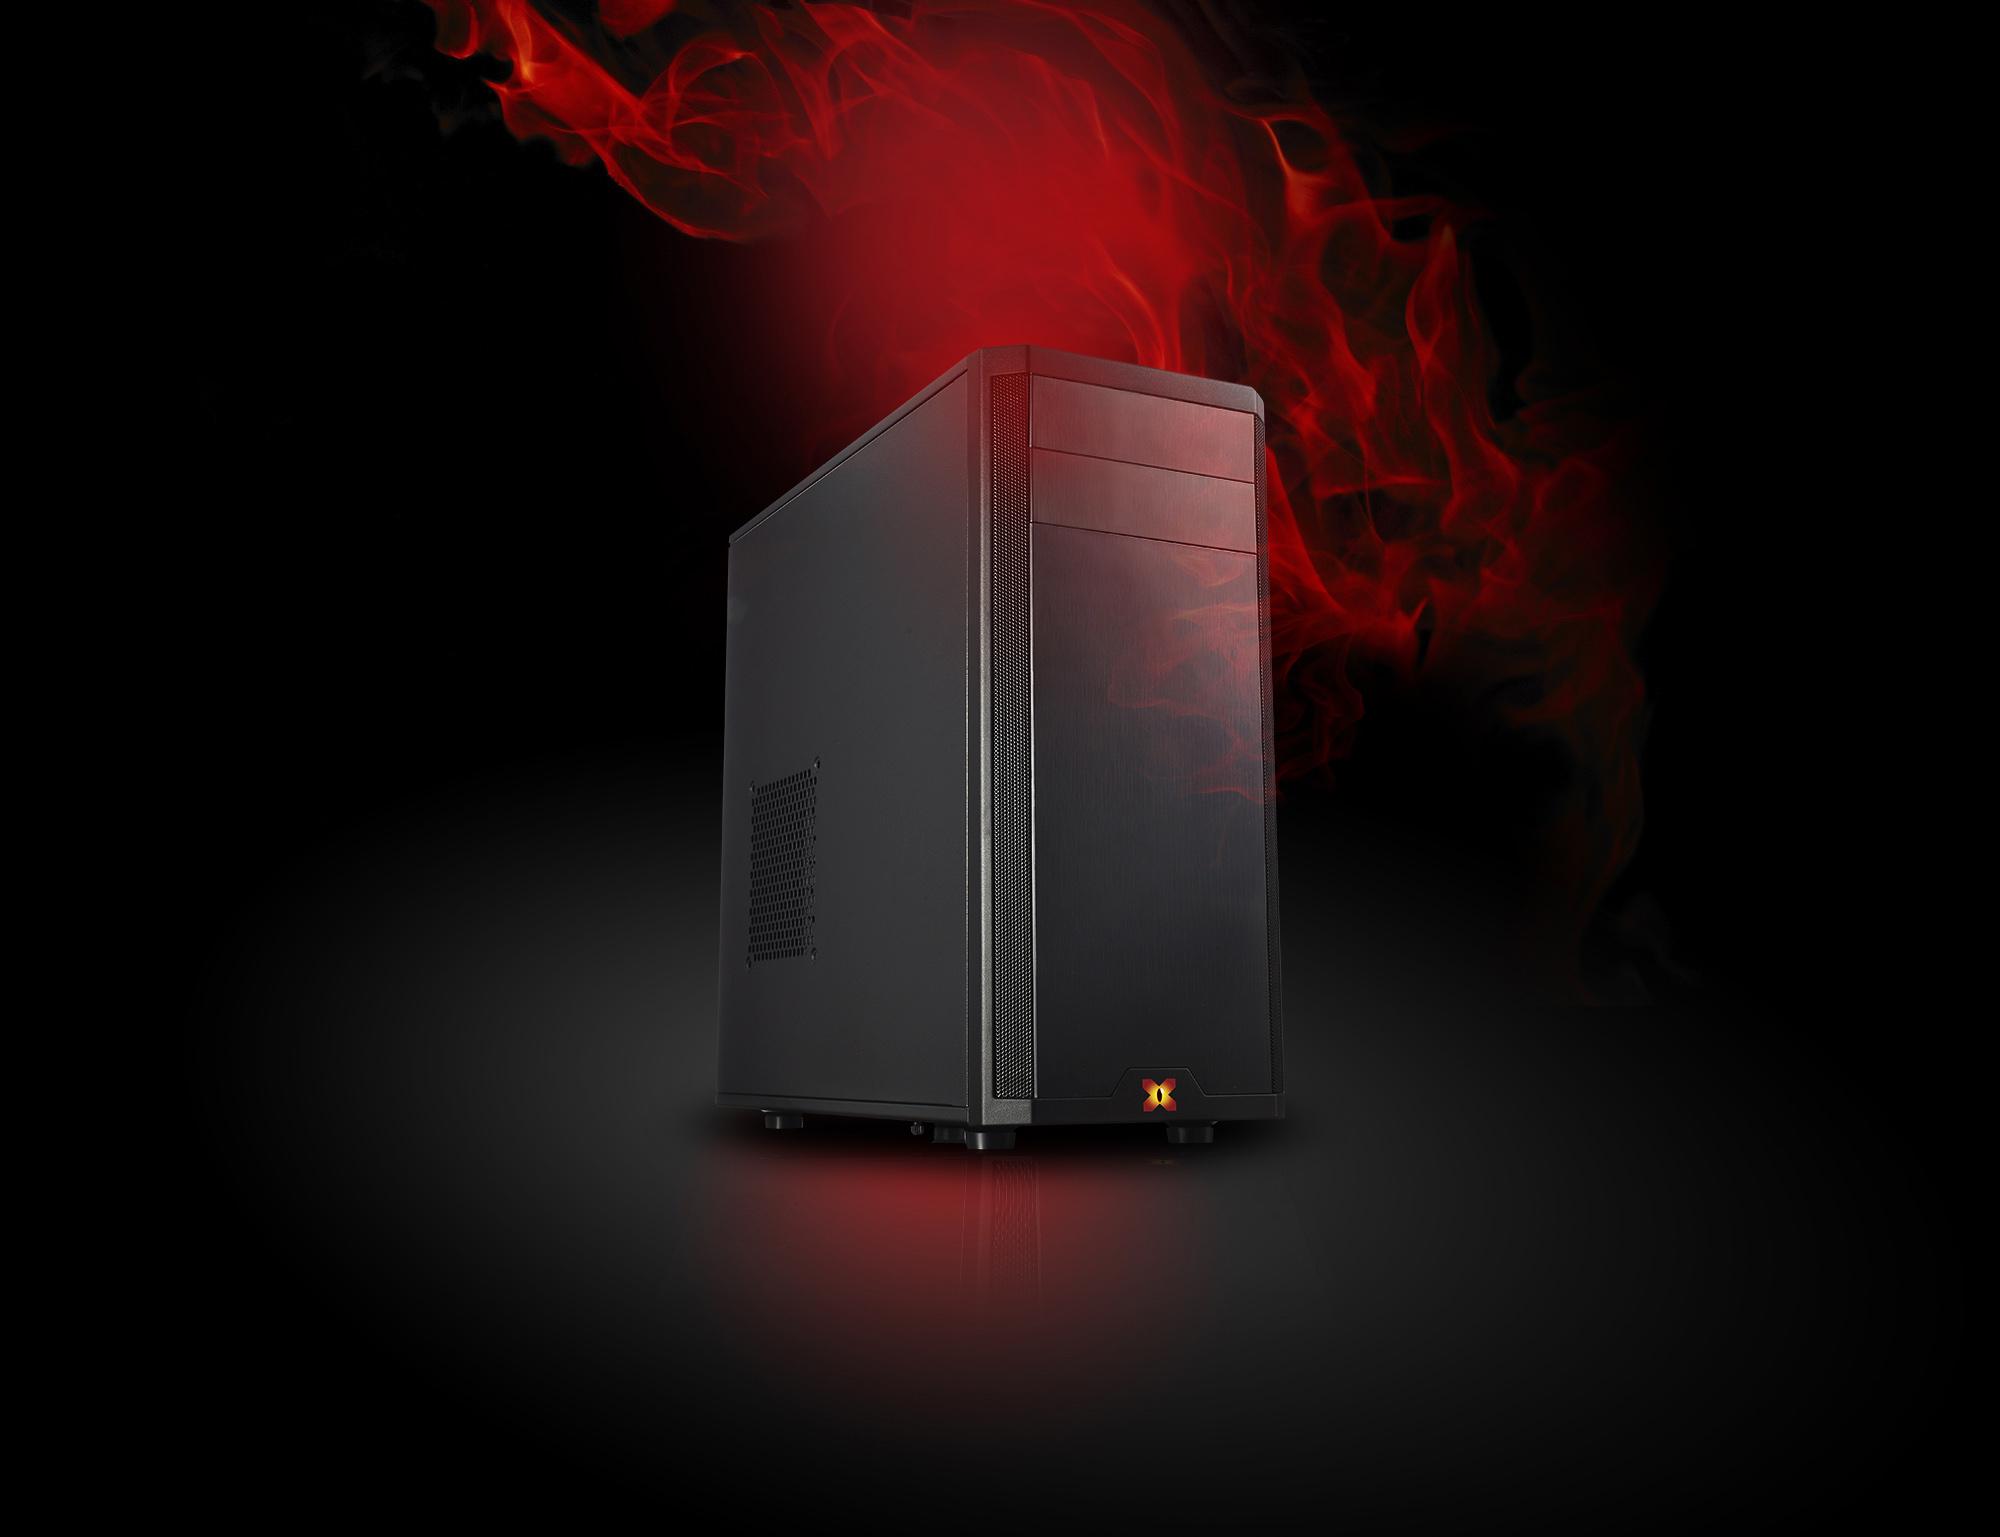 X-DIABLO Gamer 5 1660S (i5-9400F/16GB/SSD 500GB NVME/1TB HDD/GTX1660 SUPER 6GB/W10)